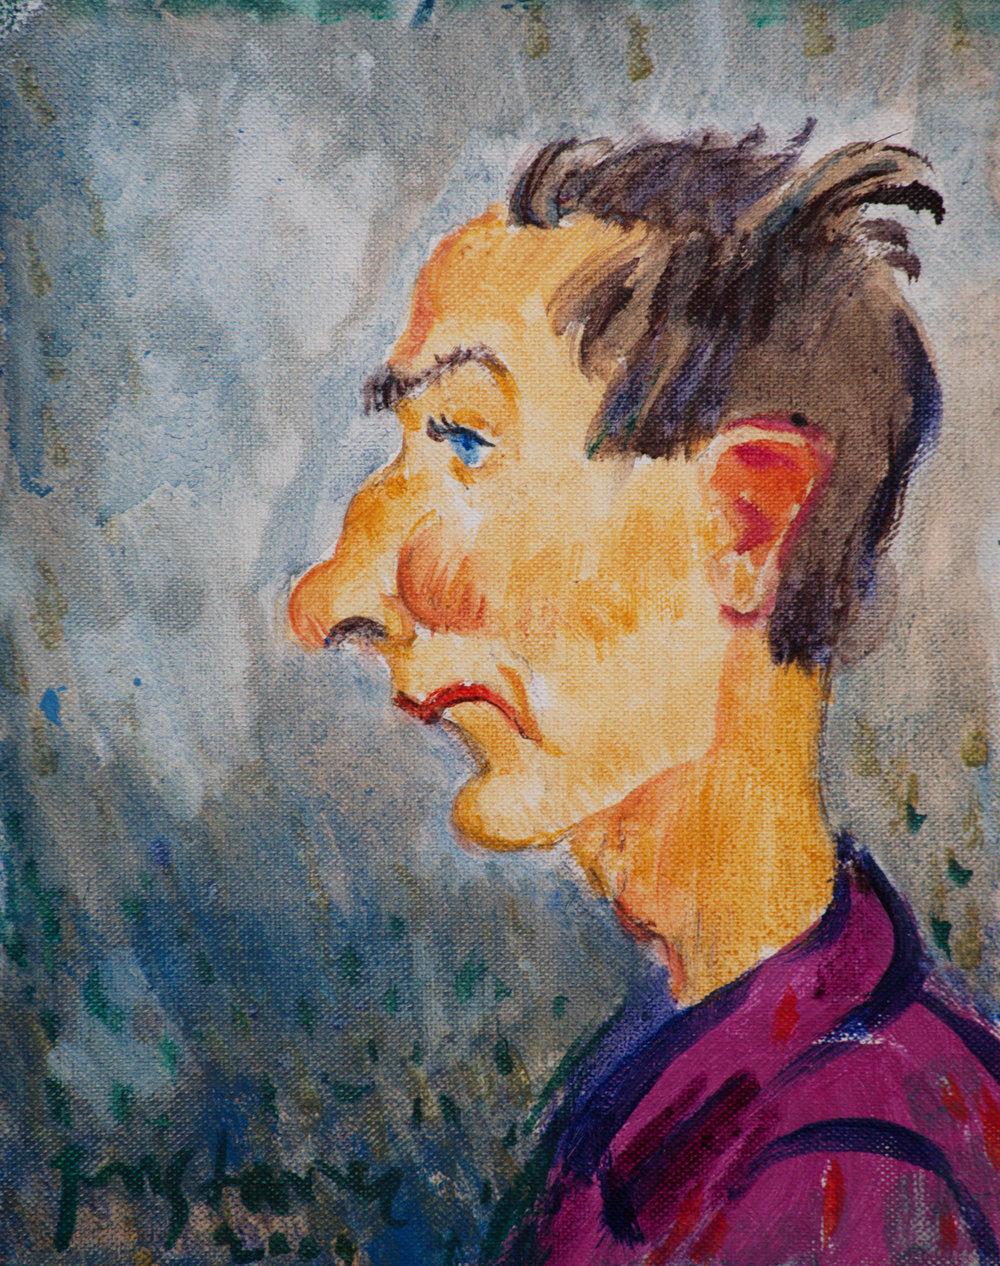 2000_portrait_20x25cm_Autoportrait.jpg